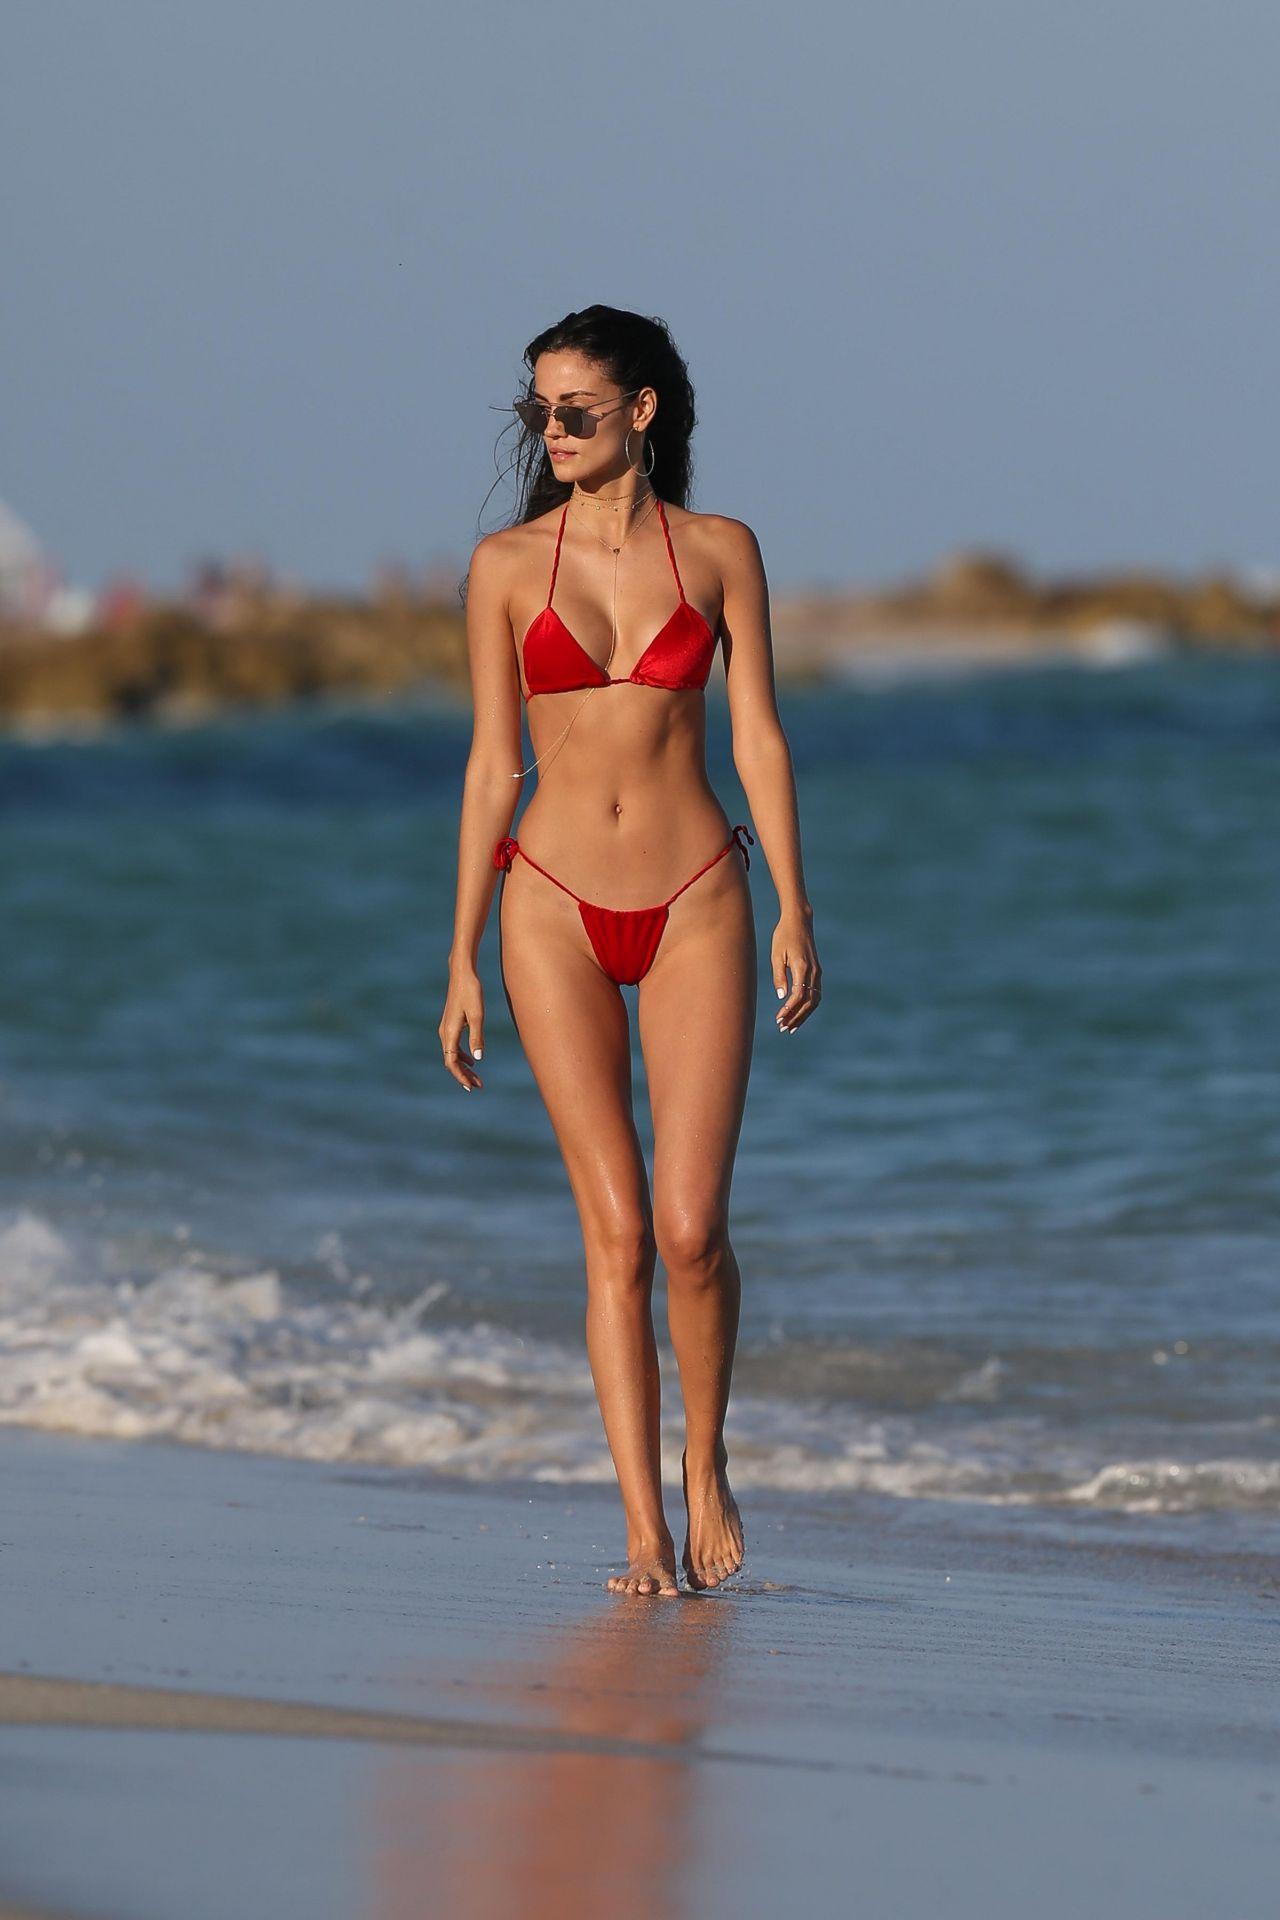 Sofia Resing in Skimpy Red Bikini in Miami Pic 3 of 35